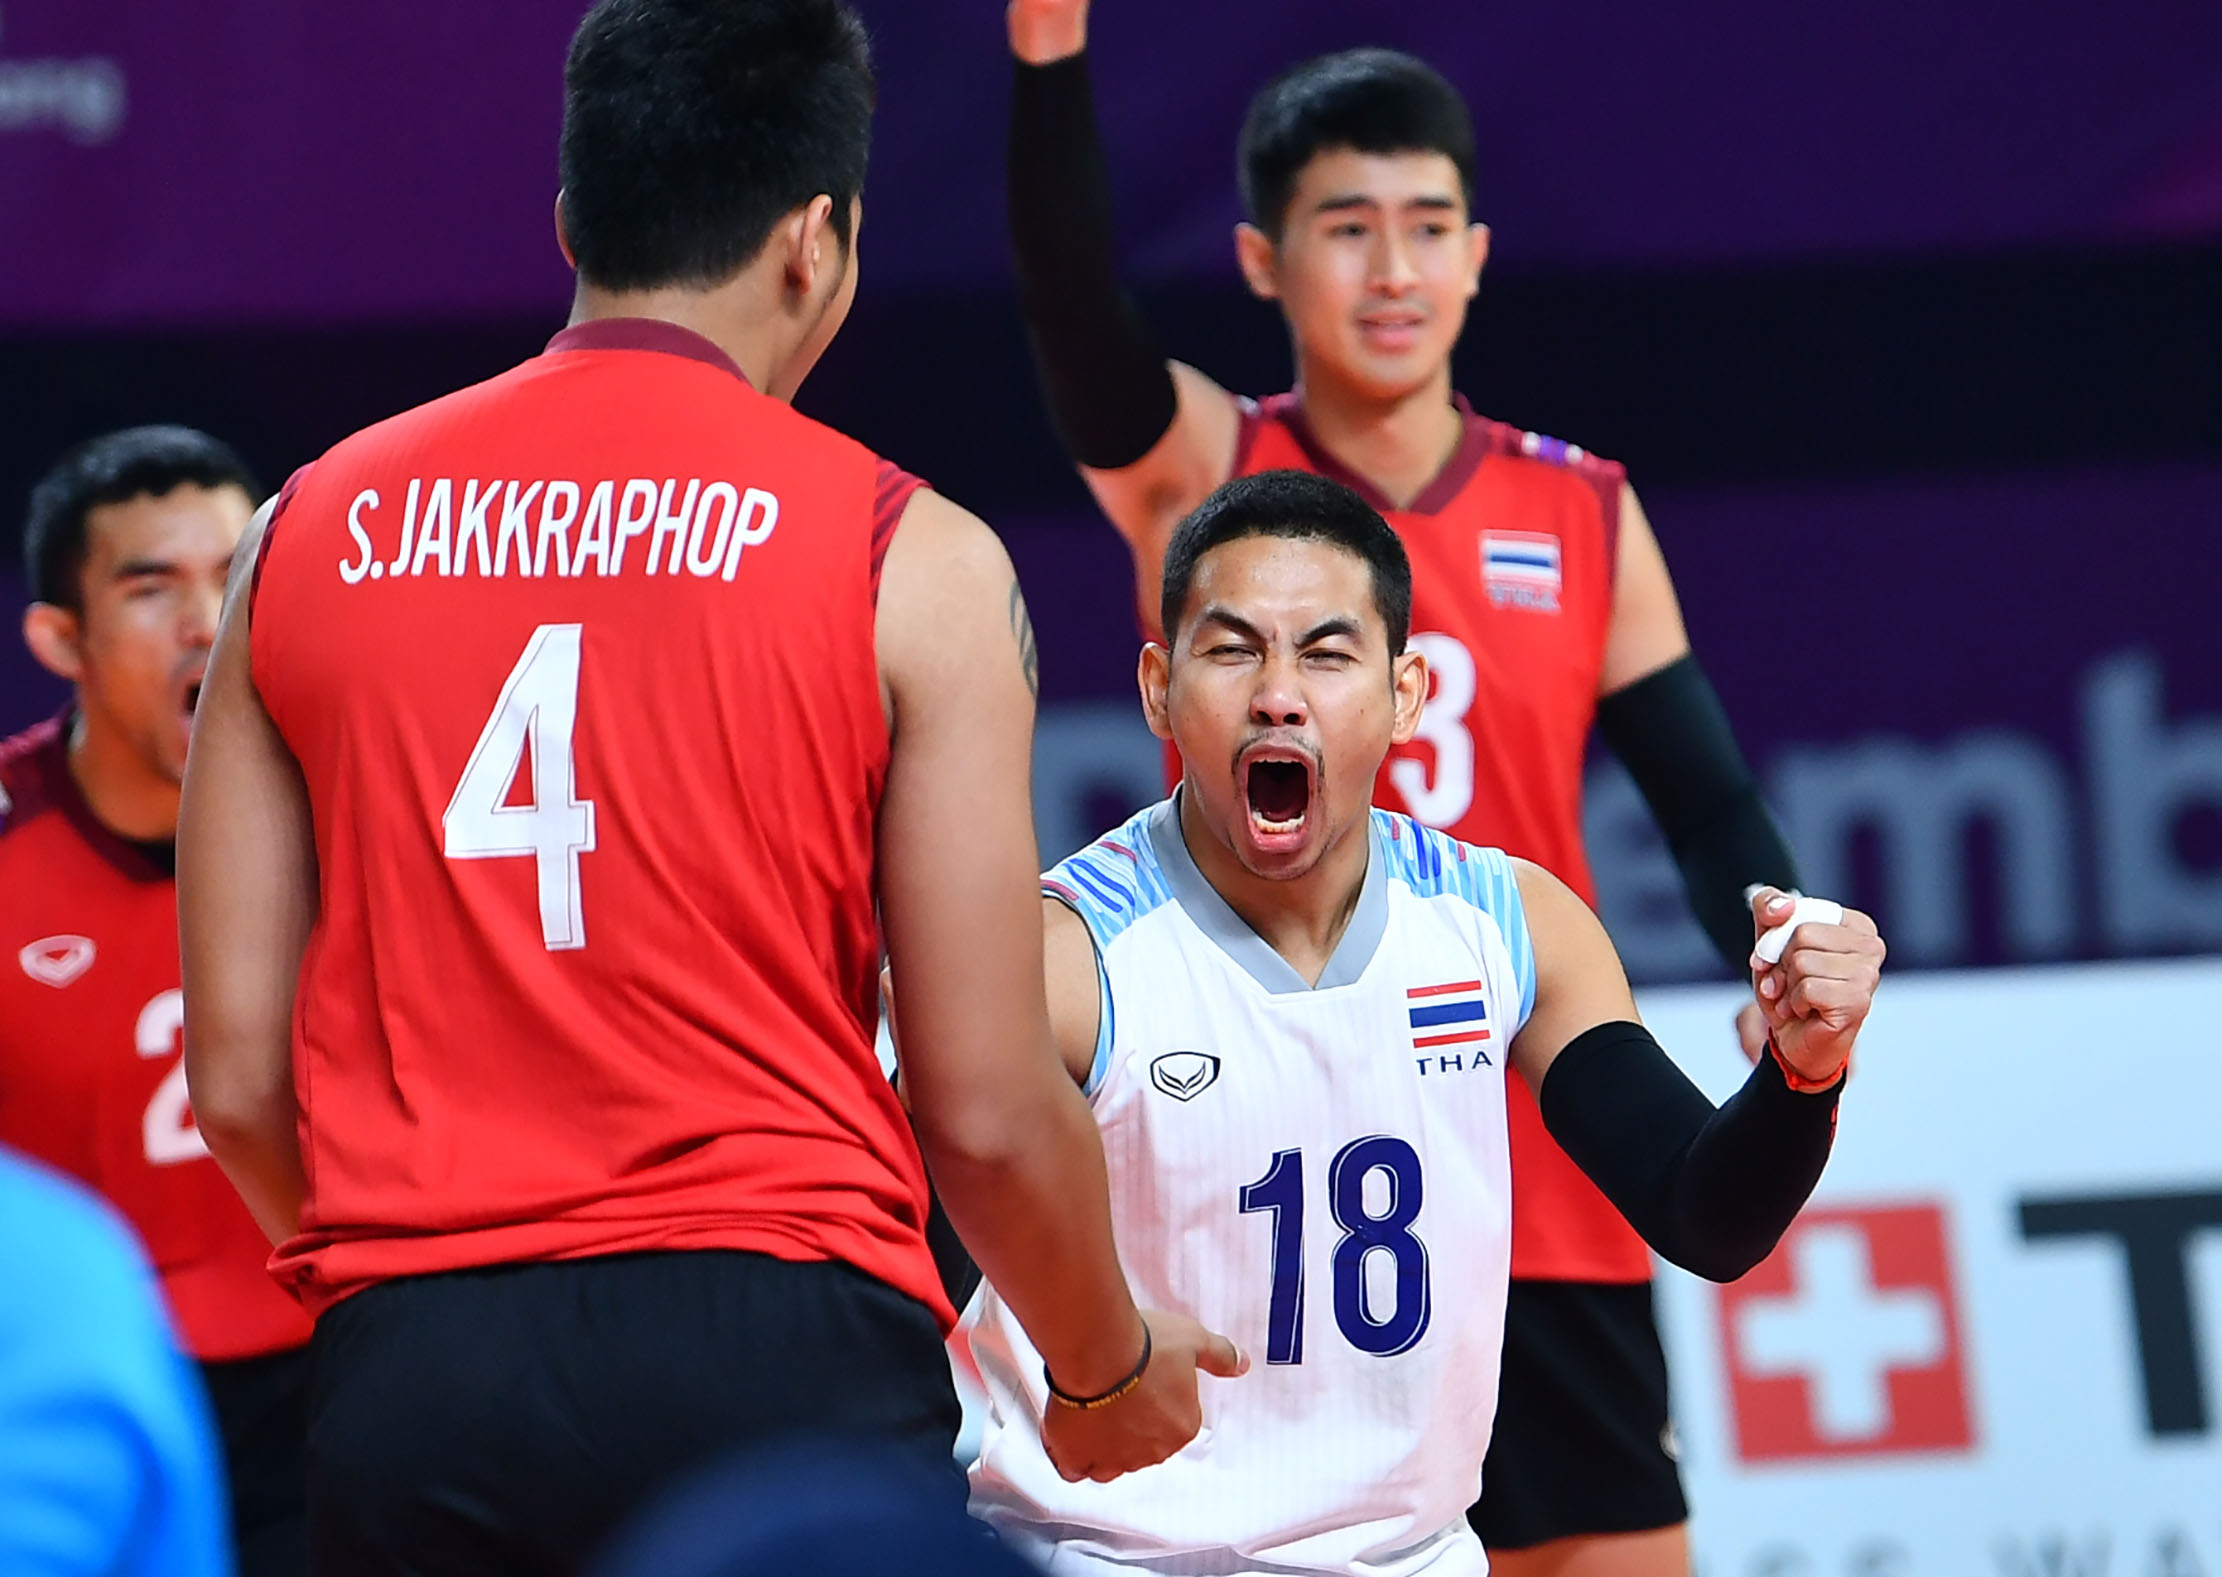 หนุ่มไทยชนะเมียนมาร์ 3-1 เซต เข้ารอบจัดอันดับ7-10 เอเชียนเกมส์2018 –  ยินดีต้อนรับเข้าสู่เว็บไซต์สมาคมกีฬาวอลเลย์บอลแห่งประเทศไทย